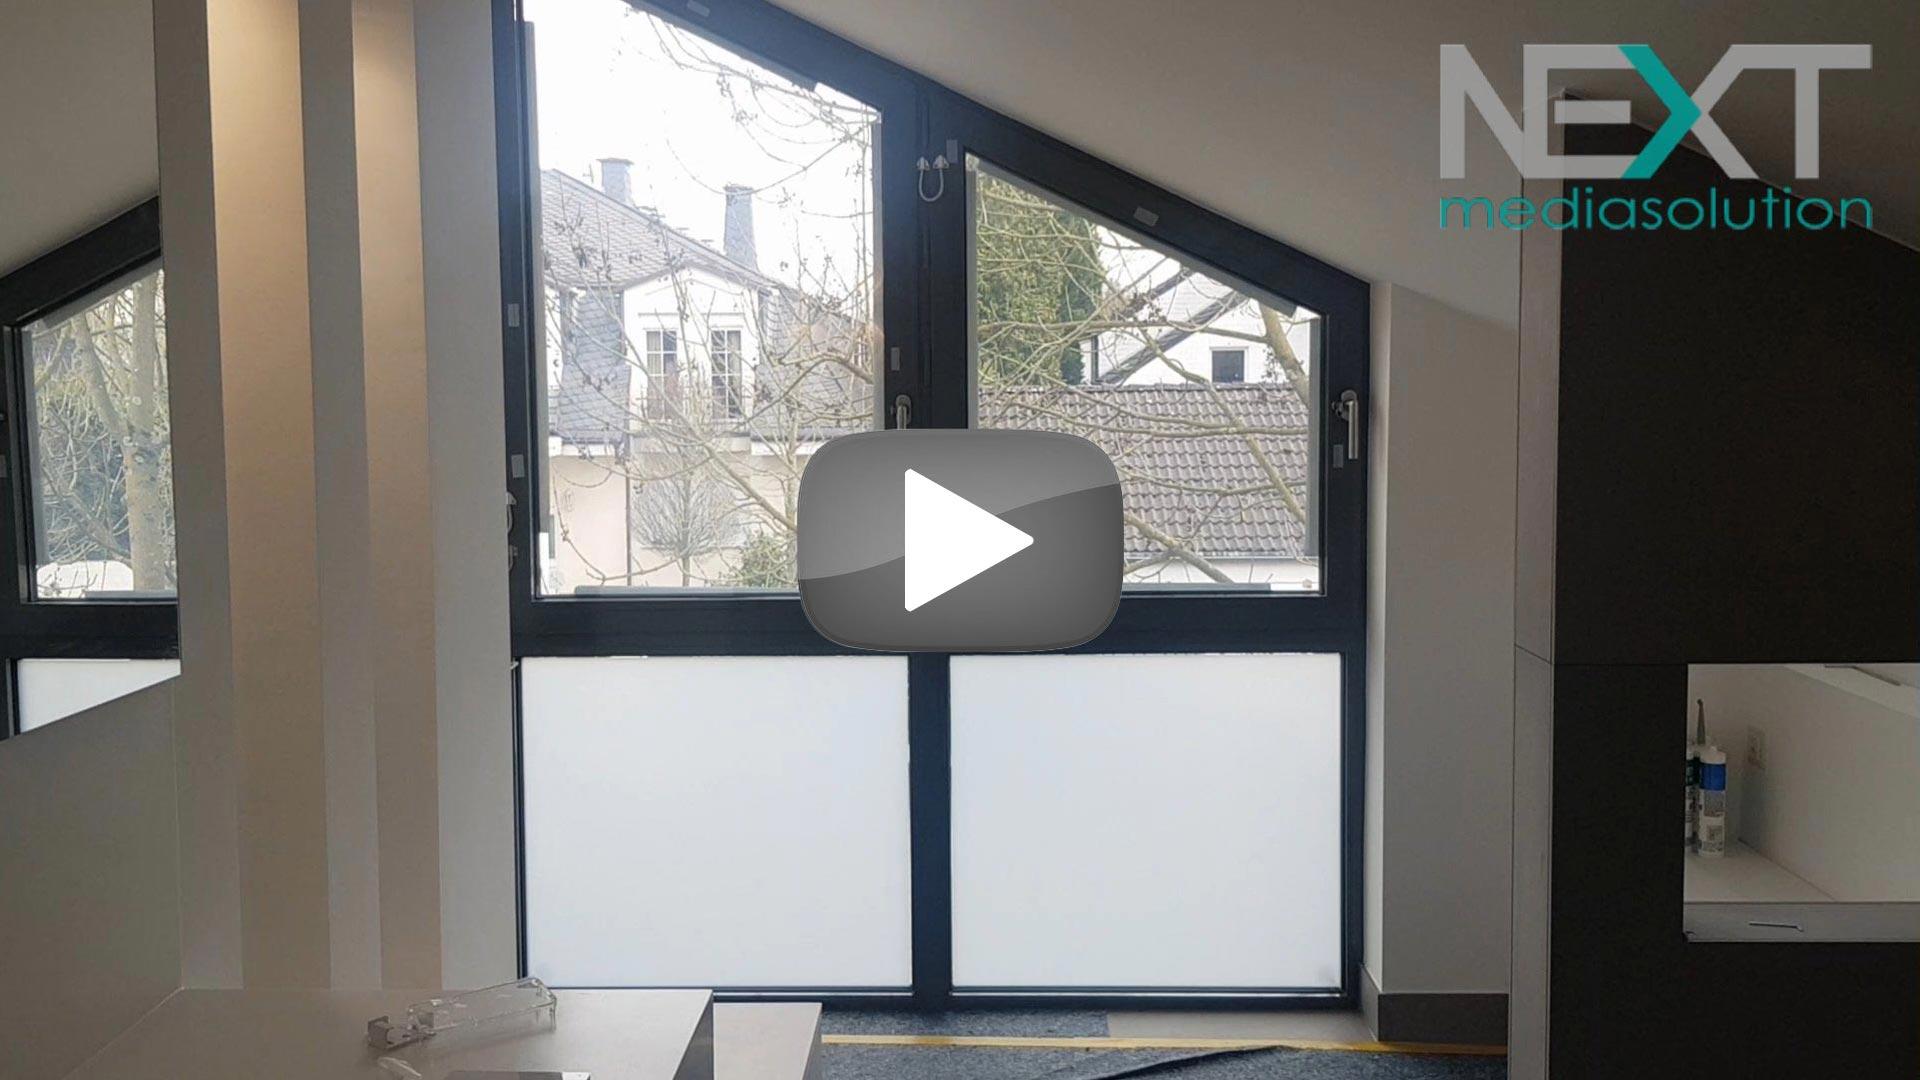 Full Size of Bodentiefe Fenster Geteilt Referenzen Schaltbare Folie Cleverer Sichtschutz Fr Glas Und Plexi Velux Kaufen Sicherheitsbeschläge Nachrüsten Mit Rolladen Wohnzimmer Bodentiefe Fenster Geteilt